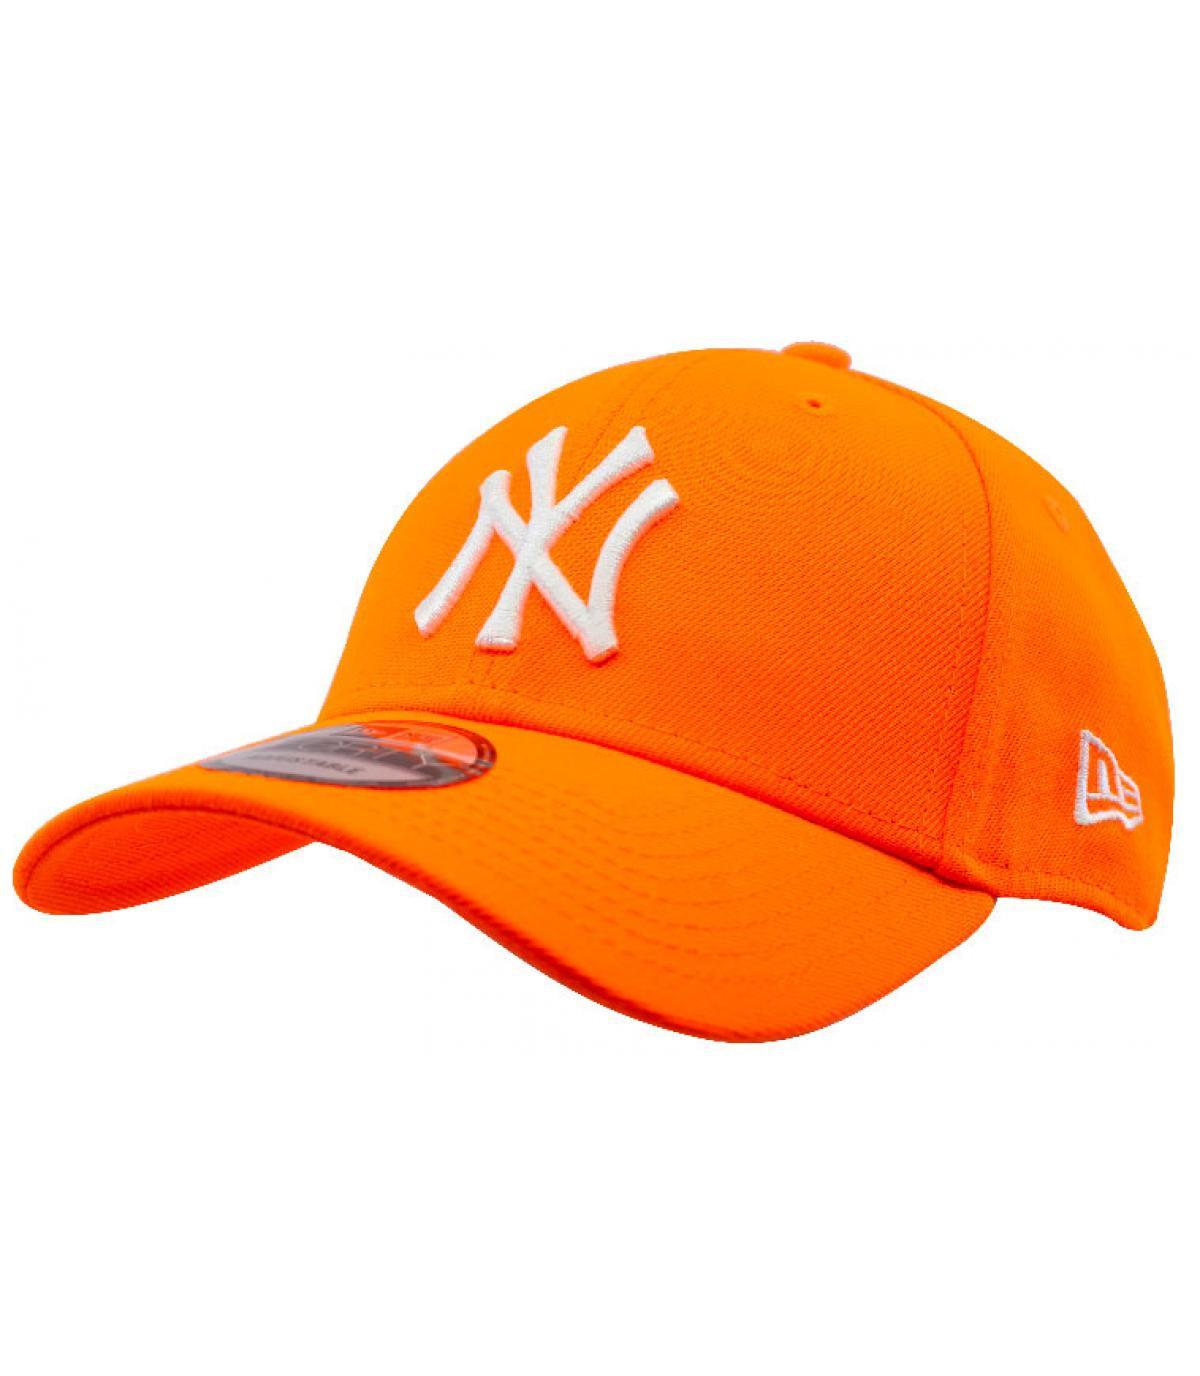 Gorra NY naranja fluo